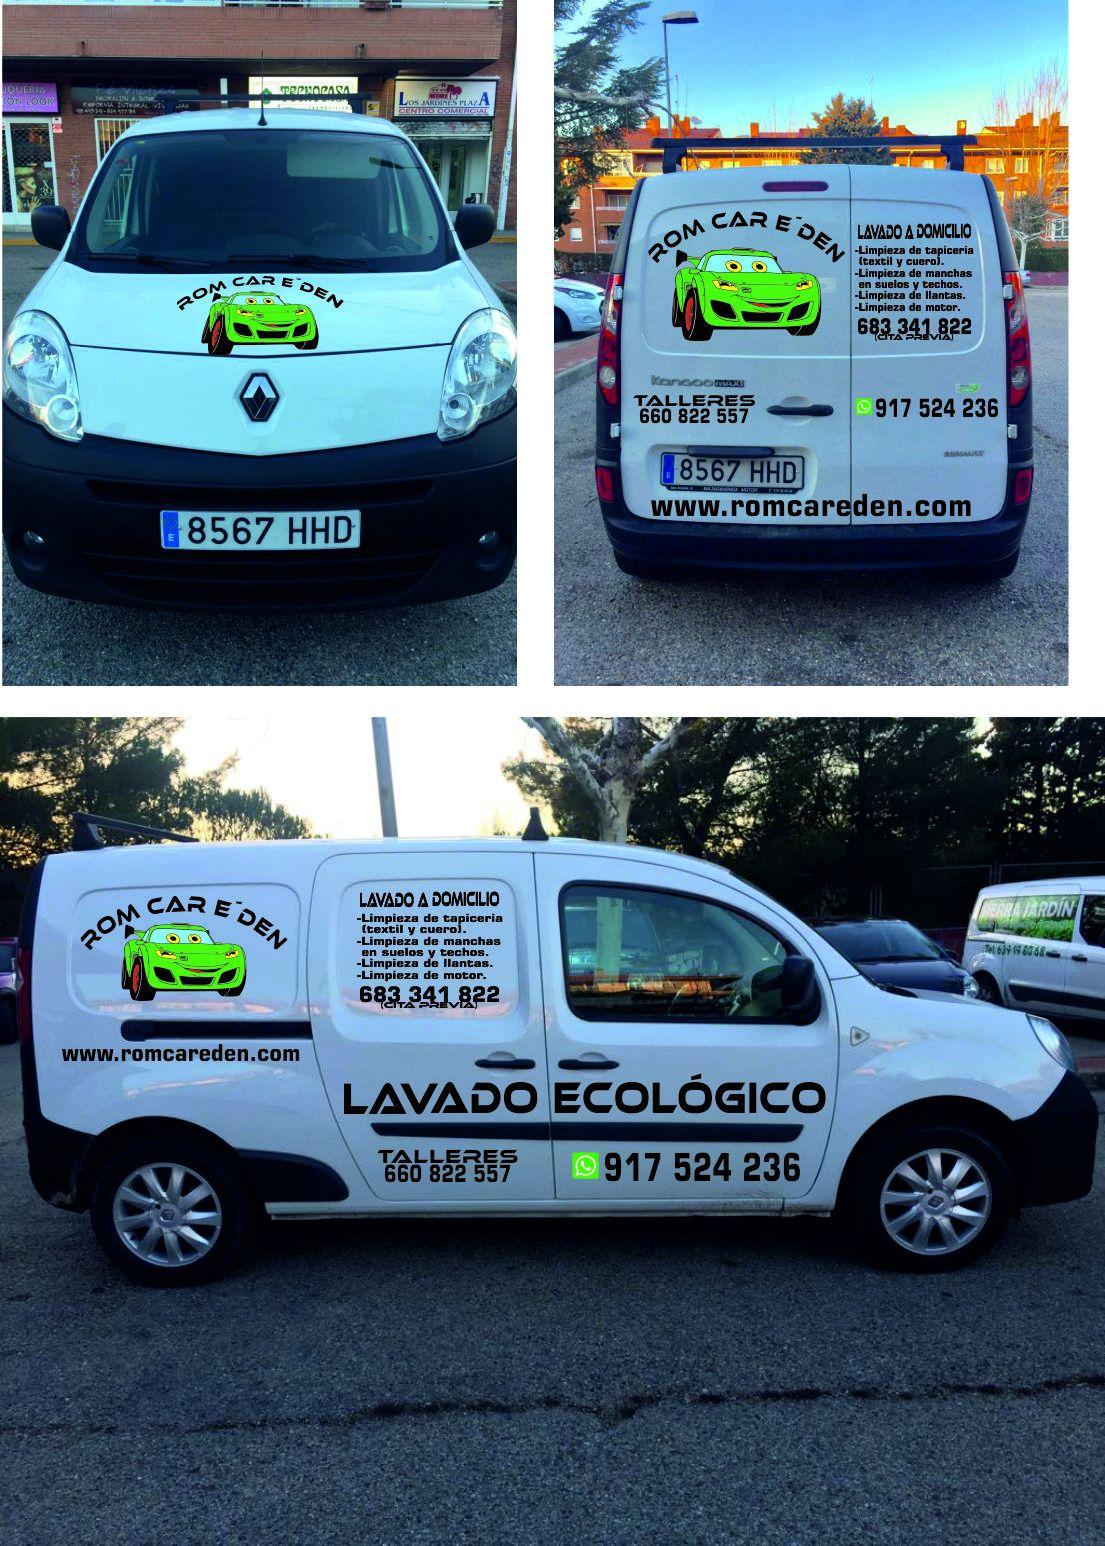 Lavado ecológico del automóvil en Collado Villalba